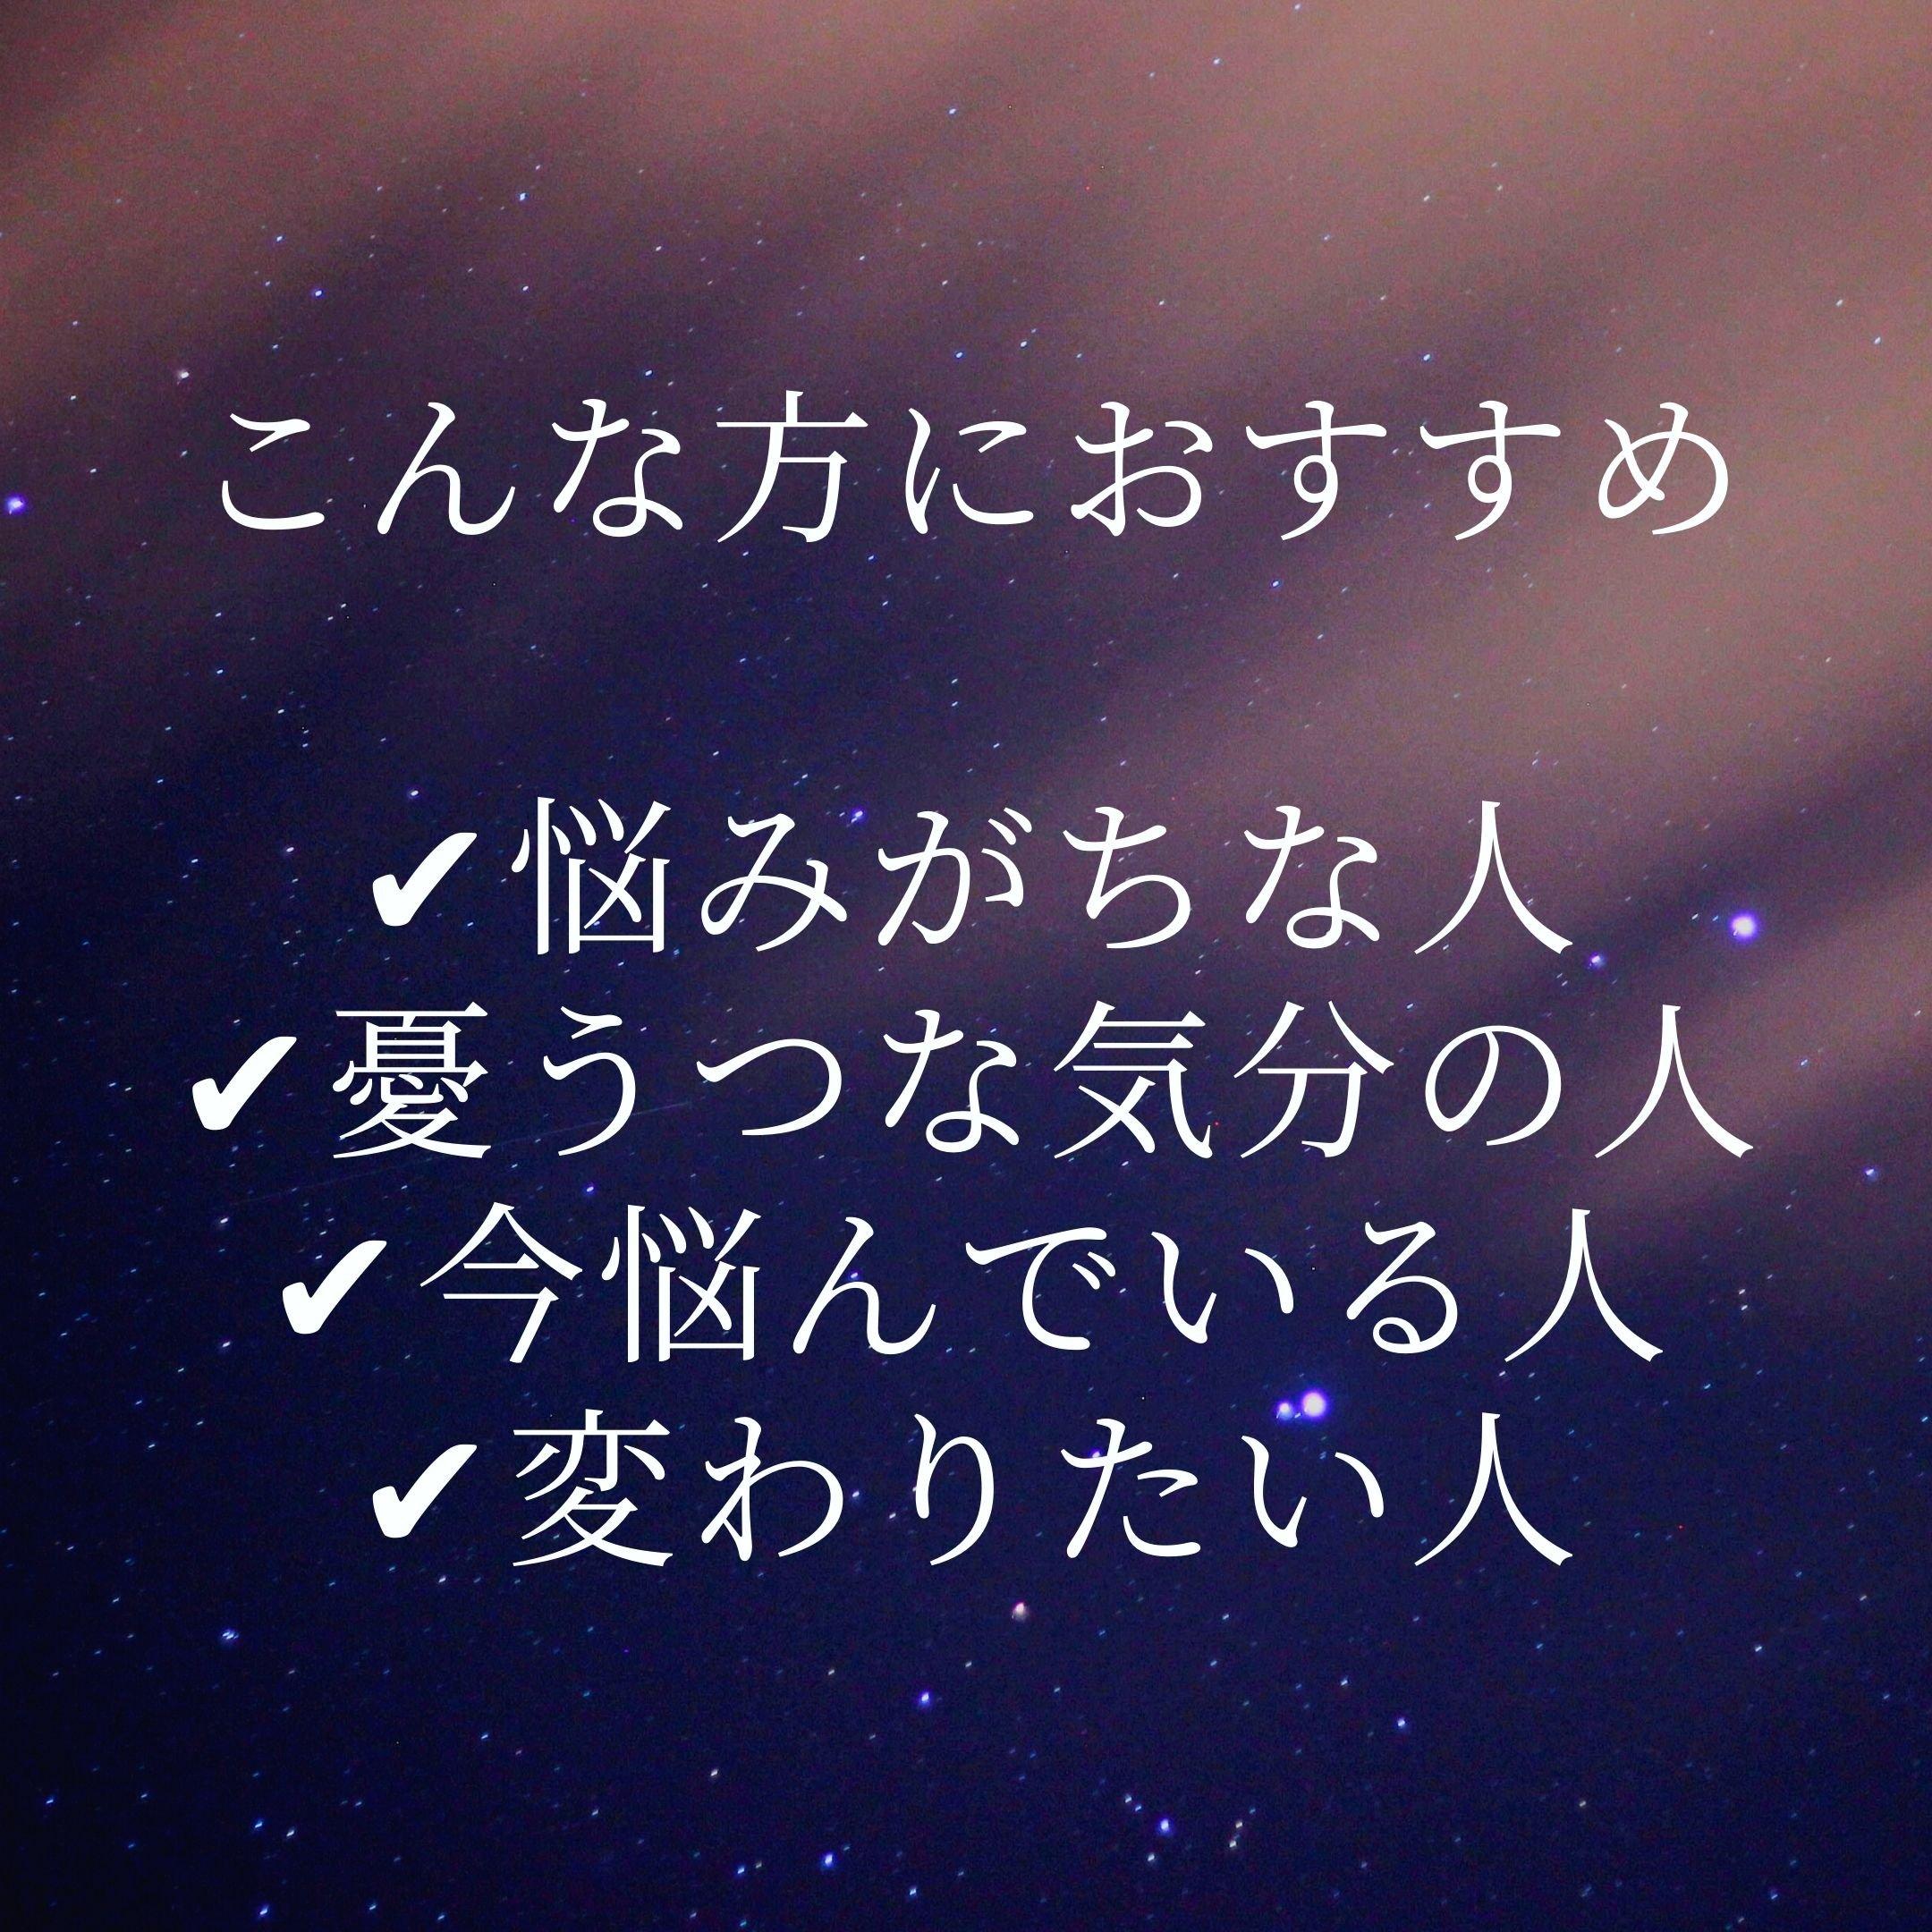 【コースA】〜高次元からあなただけに届く〜チャネリングメッセージのイメージその2